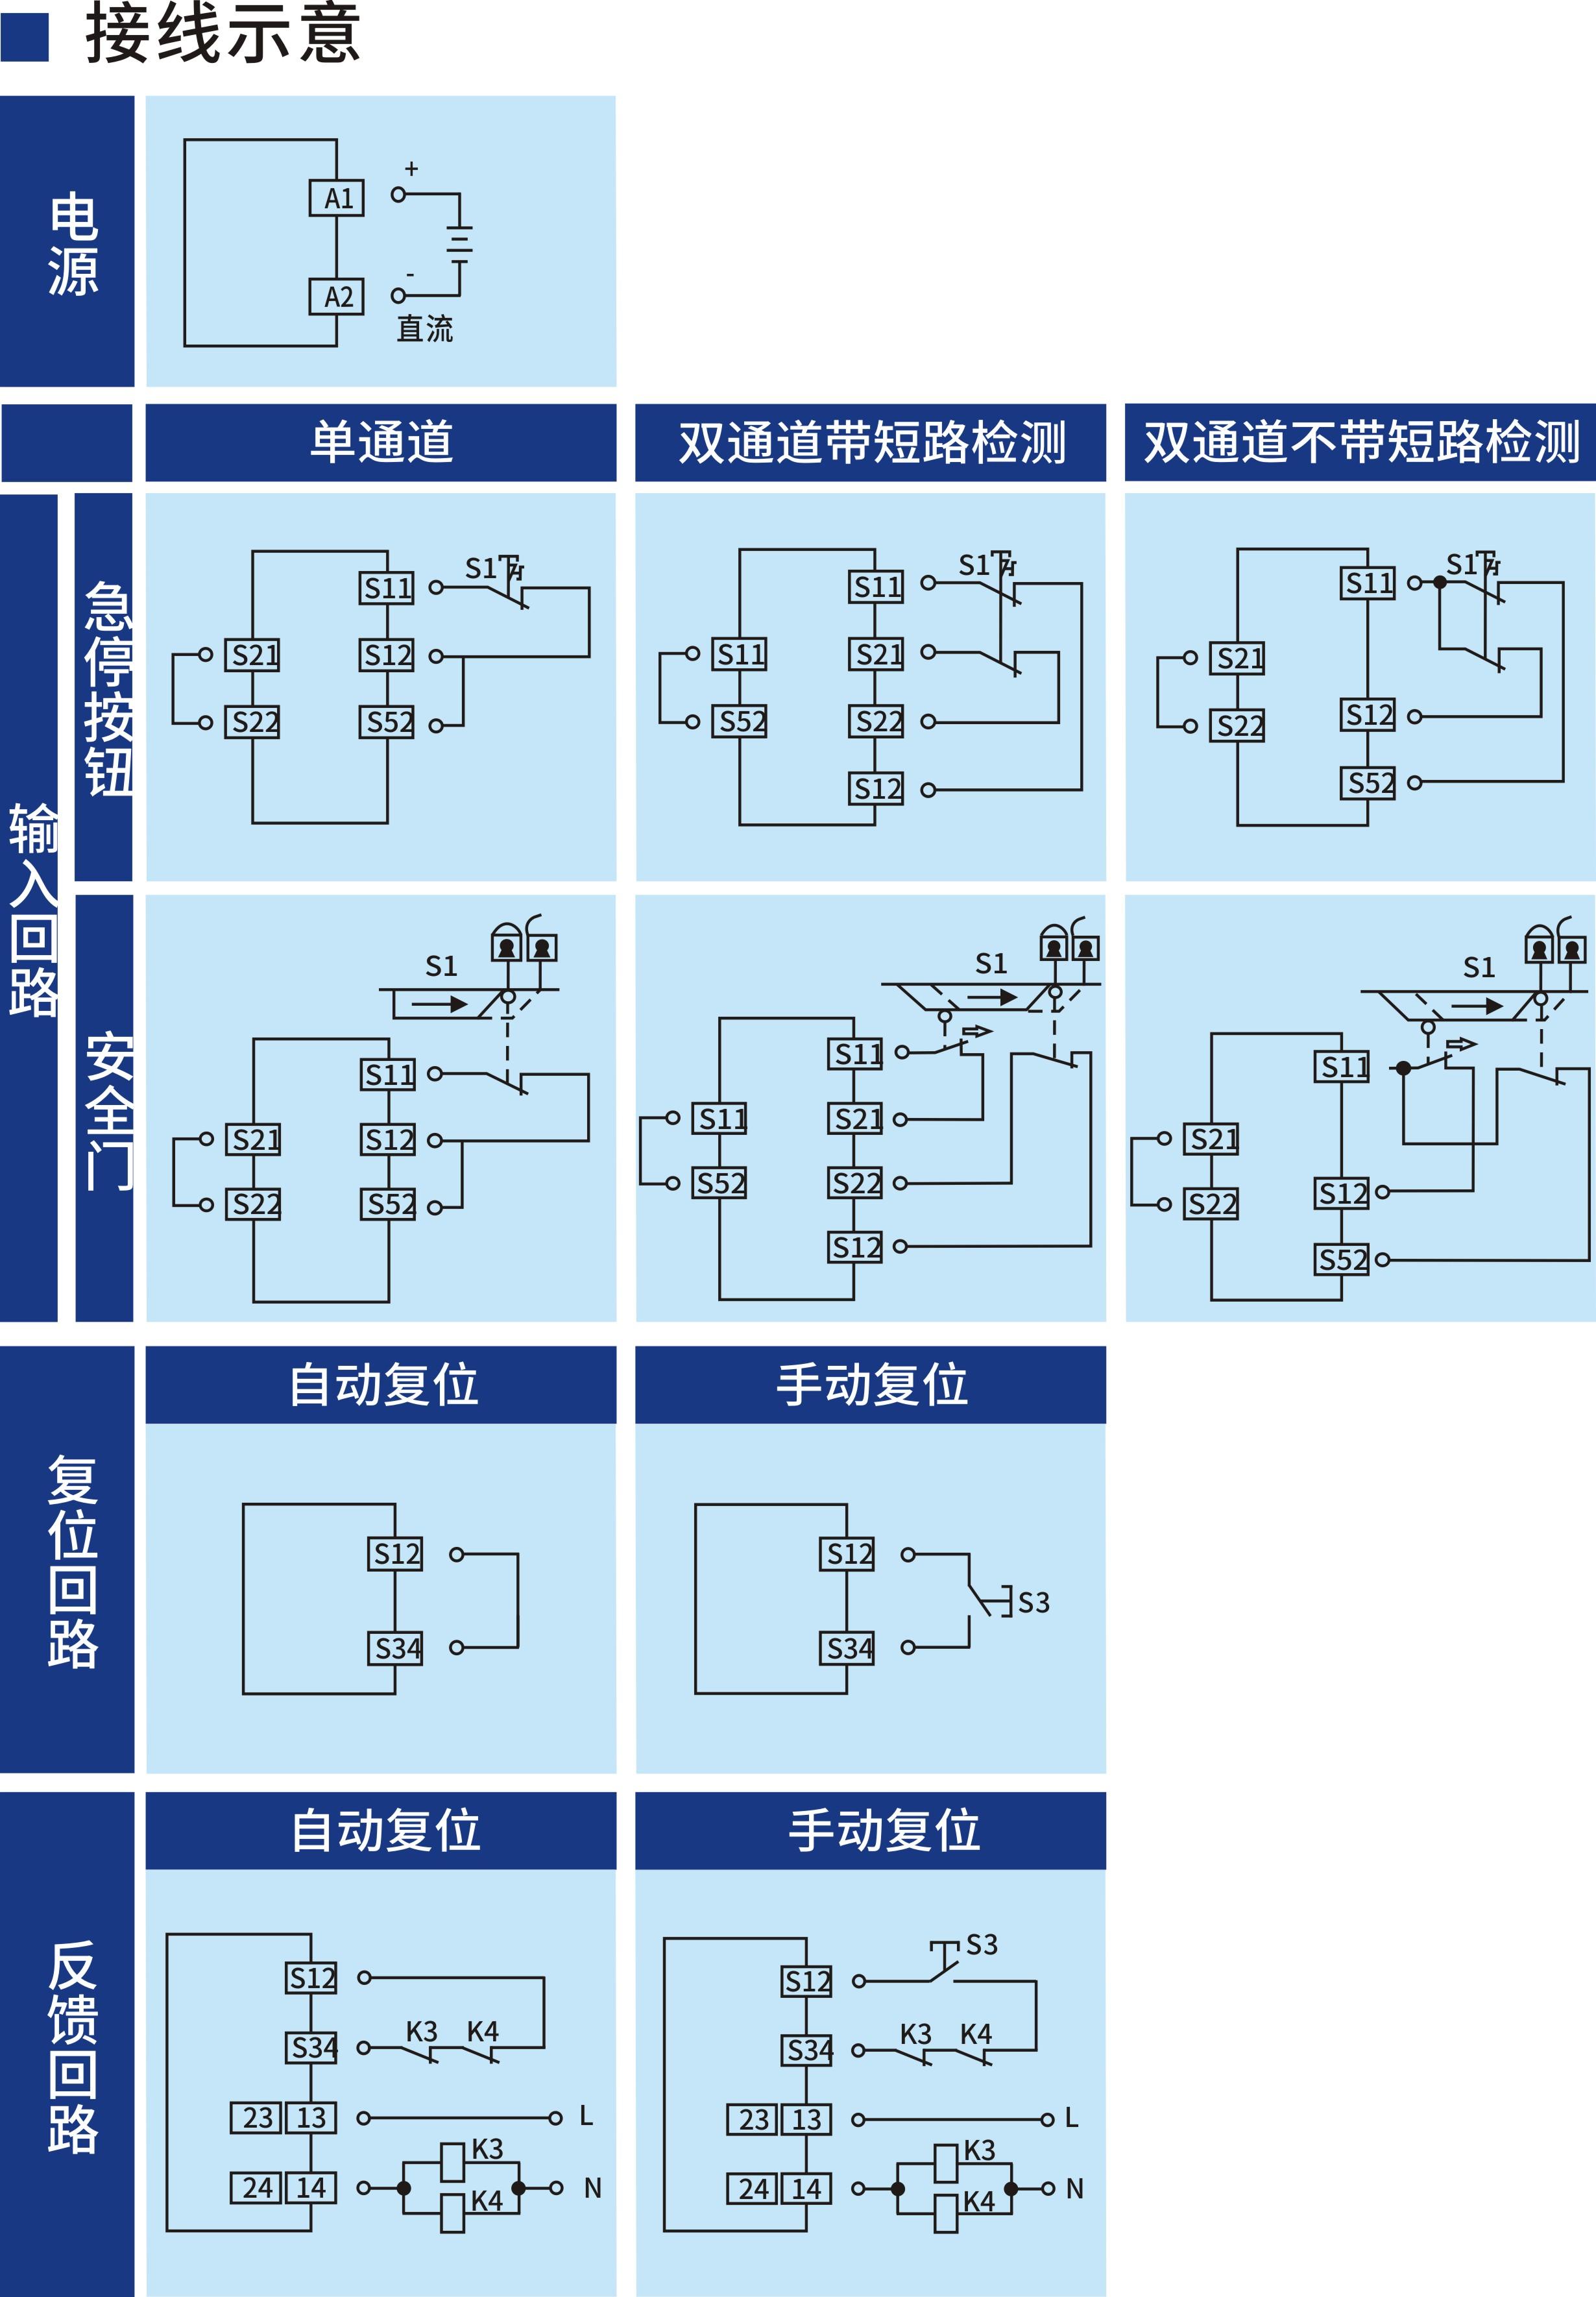 开关型安全设备输入 (急停按钮/安全门 24V DC 2NO+2NO(t) 自动/手动复位)